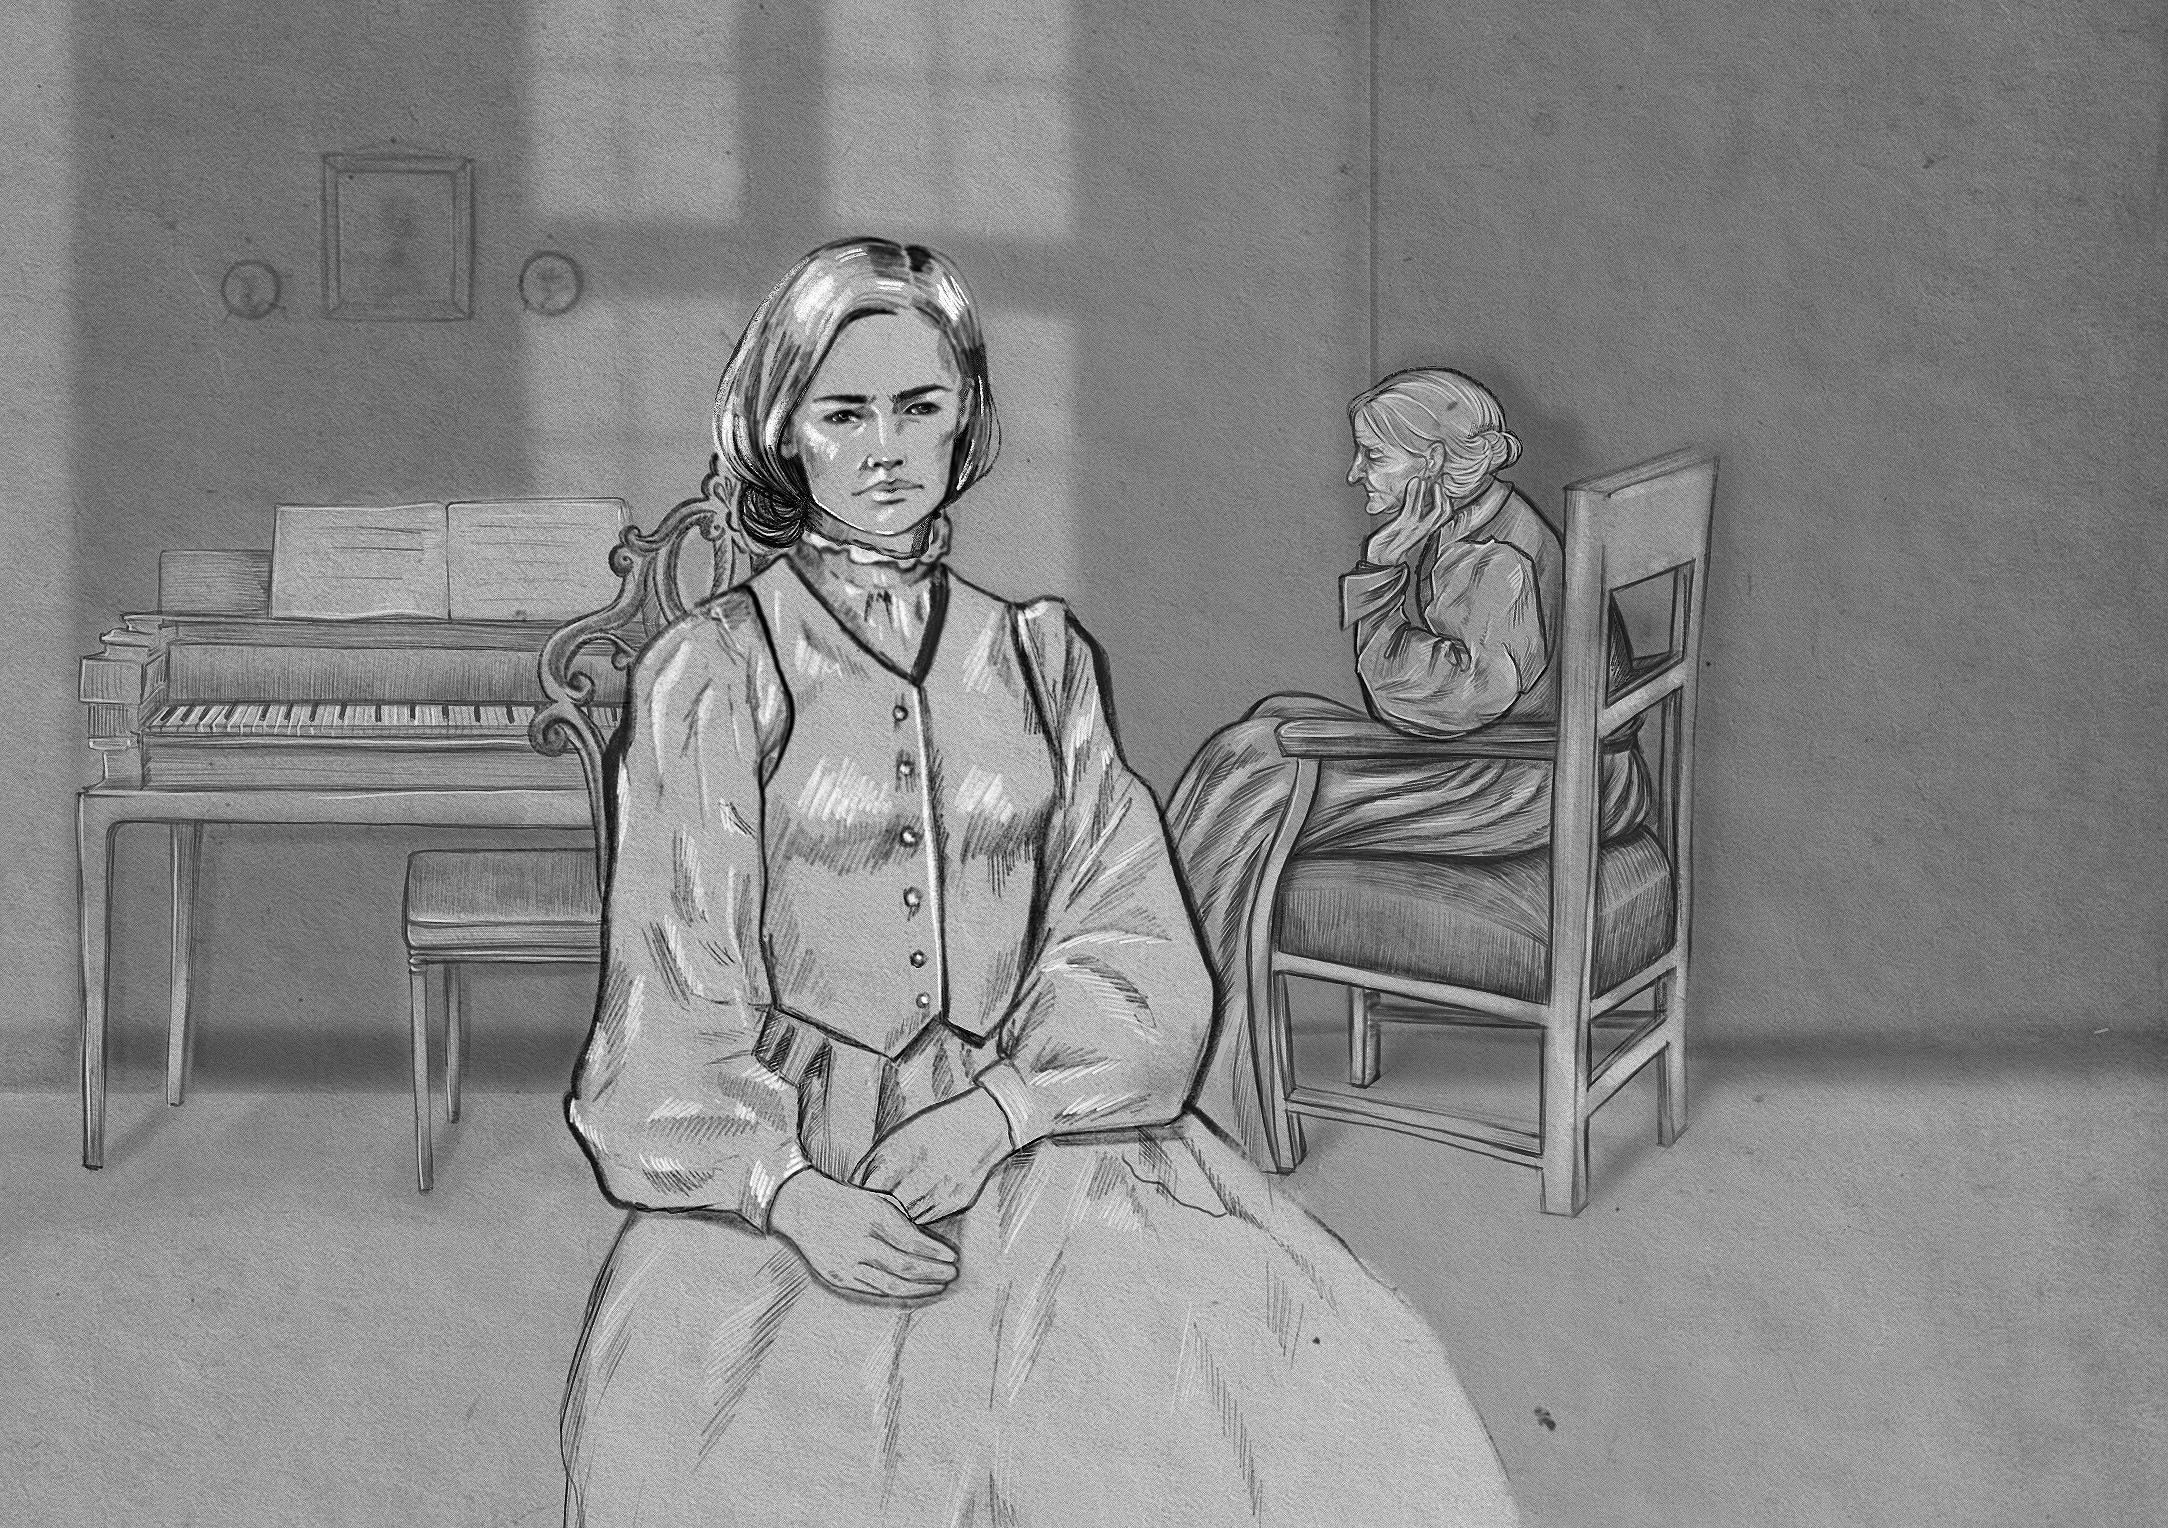 «Хорошо, что захватила с собой эту тетрадь, писать успокаивает нервы». Дневник Елены Лакиер (1899 – ?)